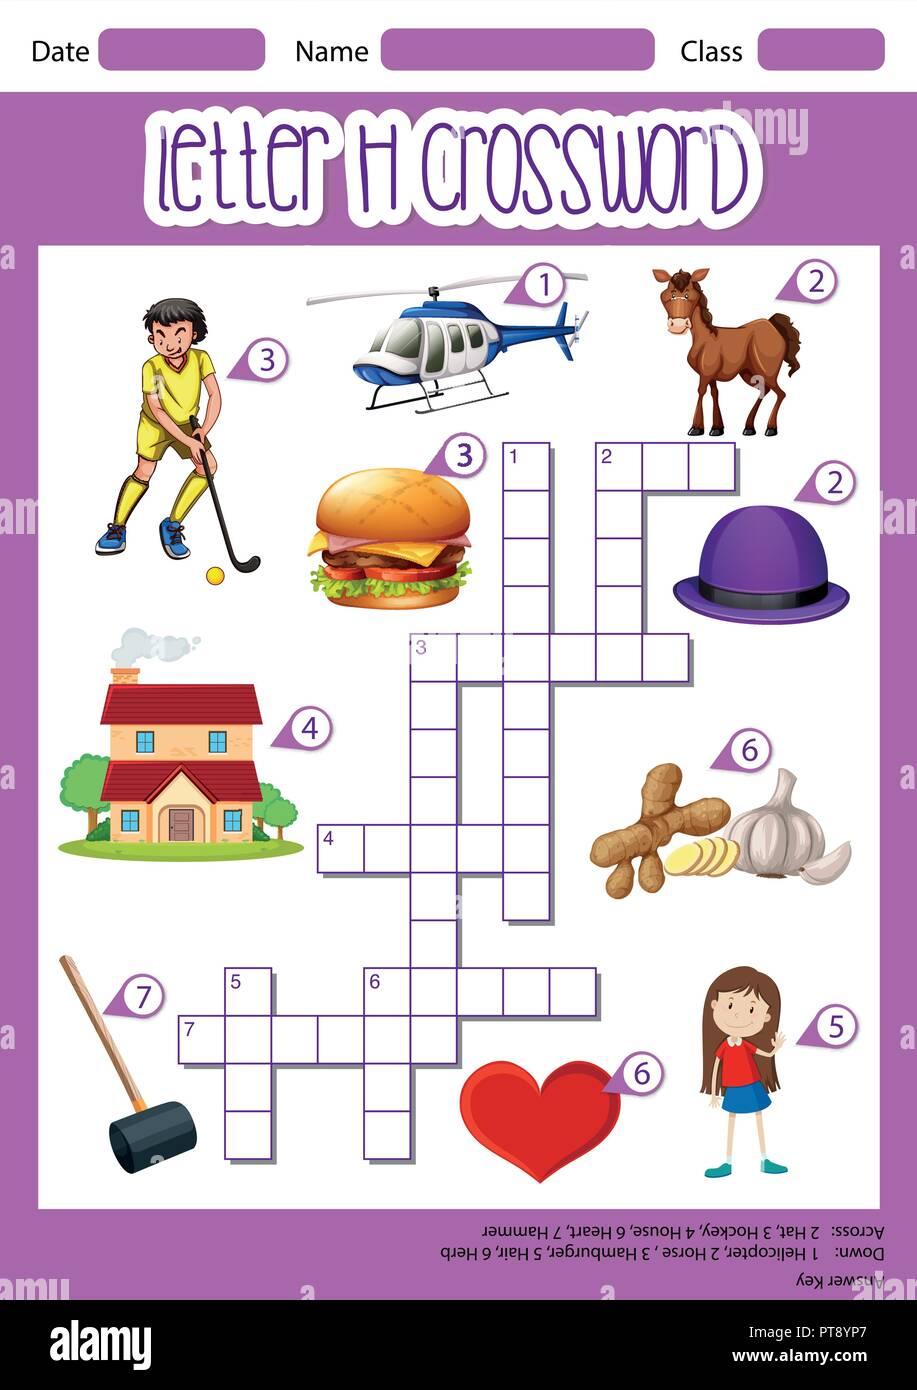 letter h crossword template illustration stock vector art